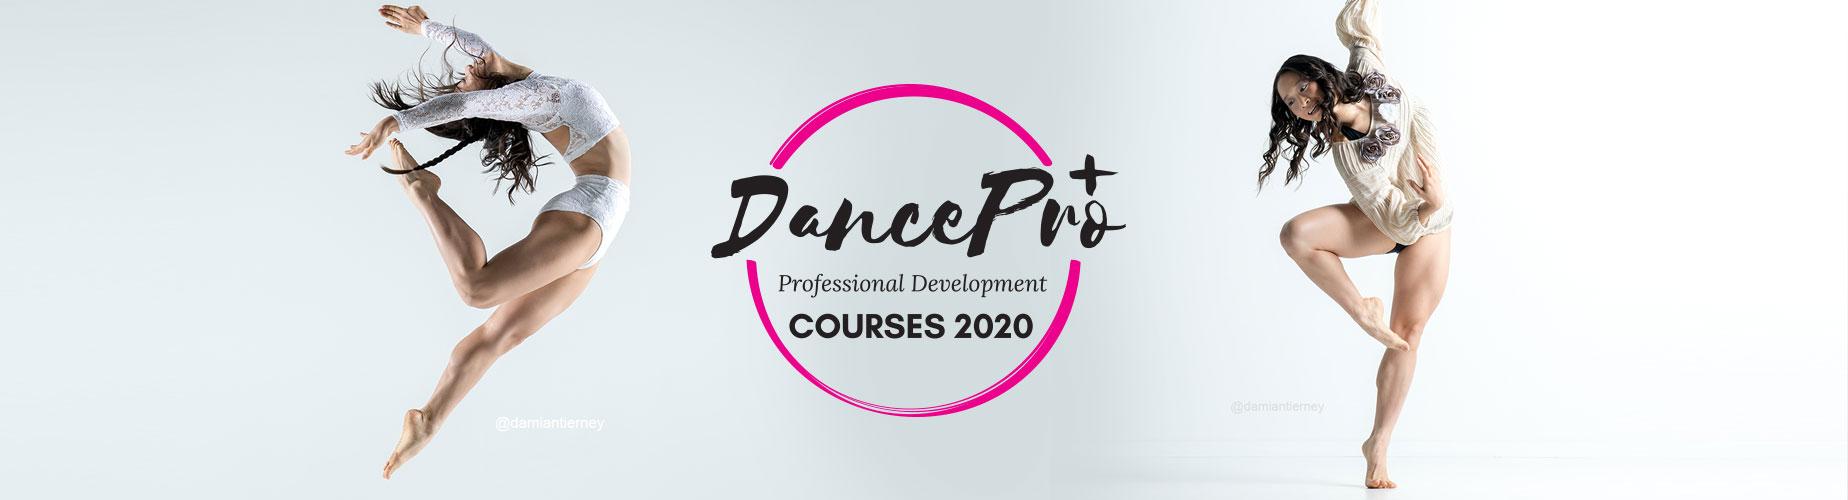 DancePro Plus